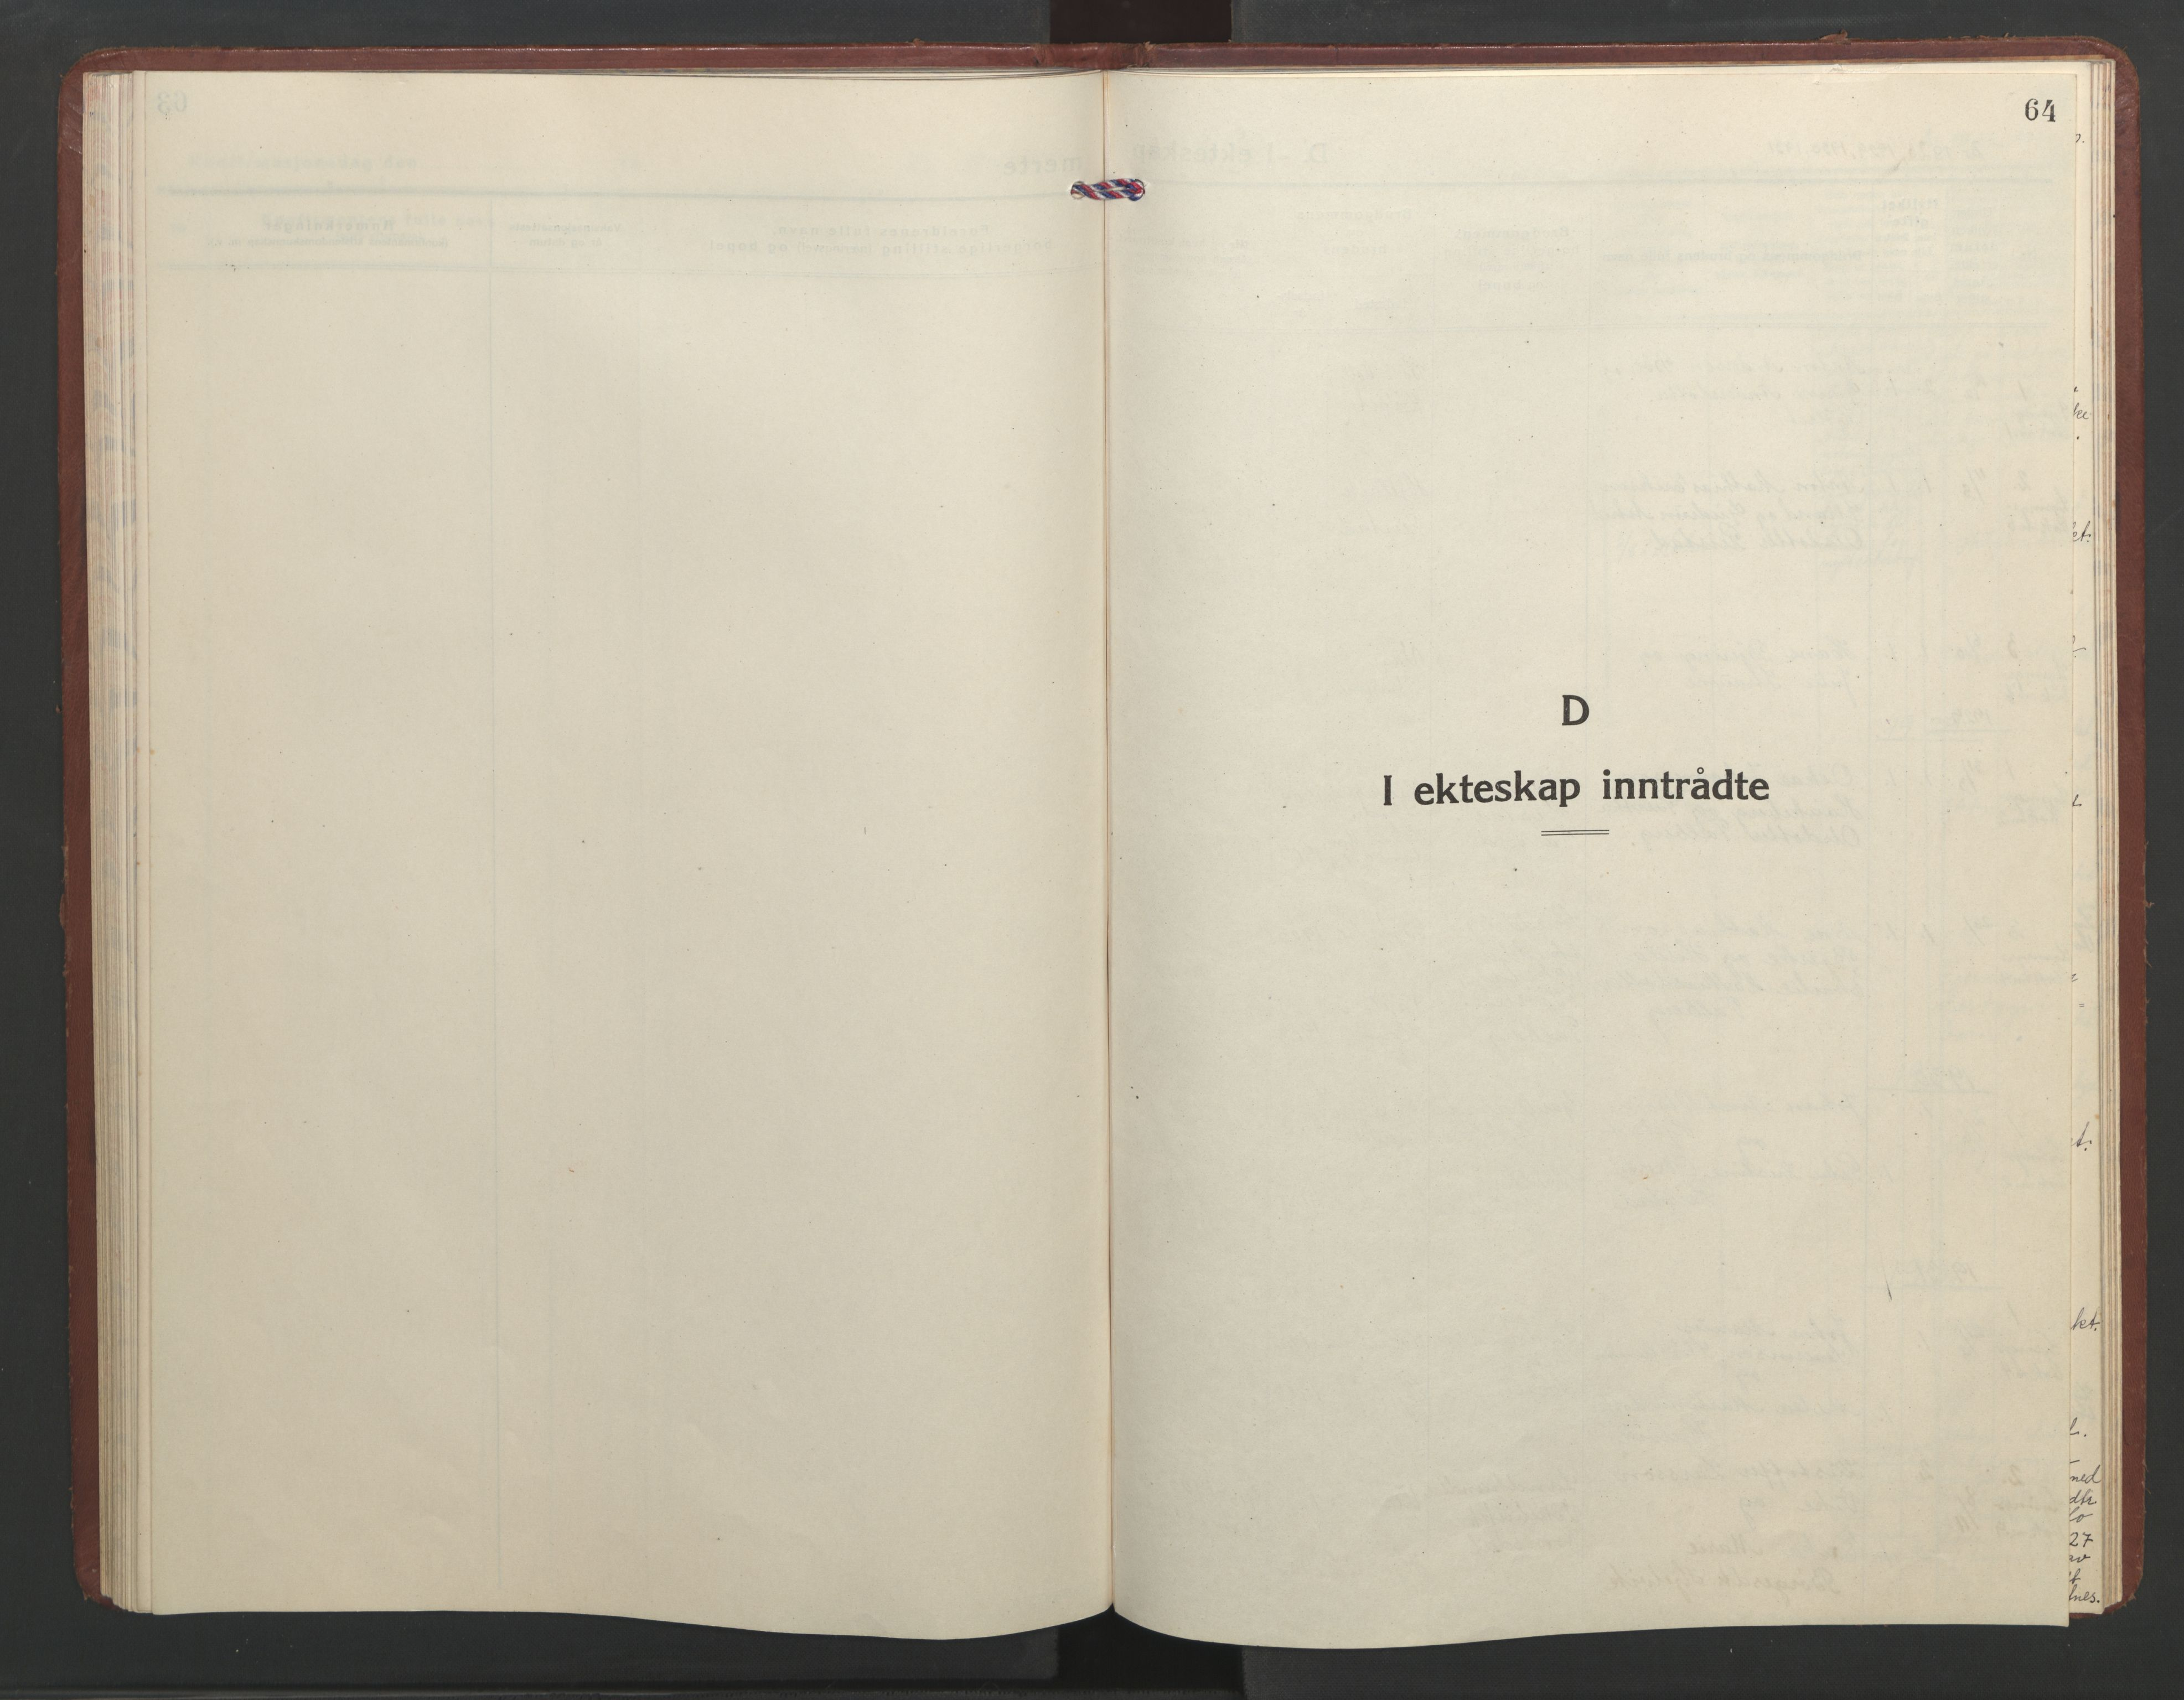 SAT, Ministerialprotokoller, klokkerbøker og fødselsregistre - Møre og Romsdal, 550/L0619: Klokkerbok nr. 550C02, 1928-1967, s. 64